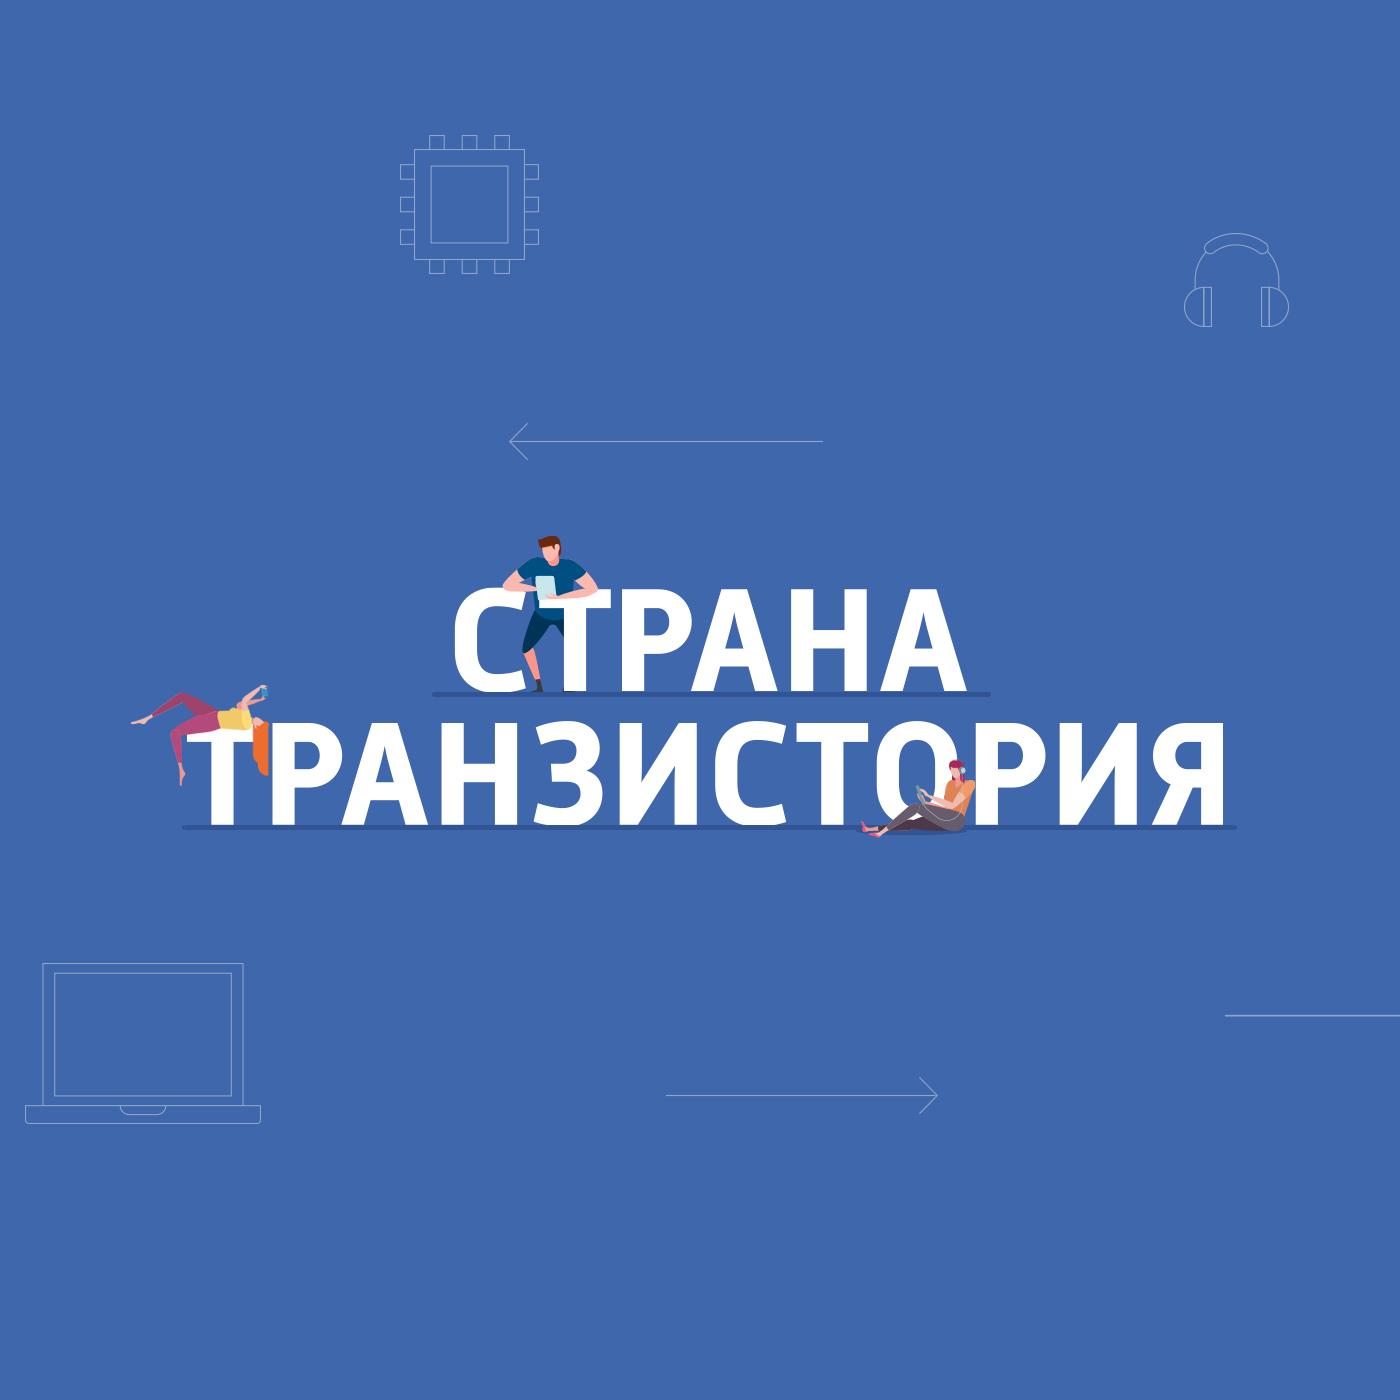 Realme представила в России свой первый флагман X2 Pro